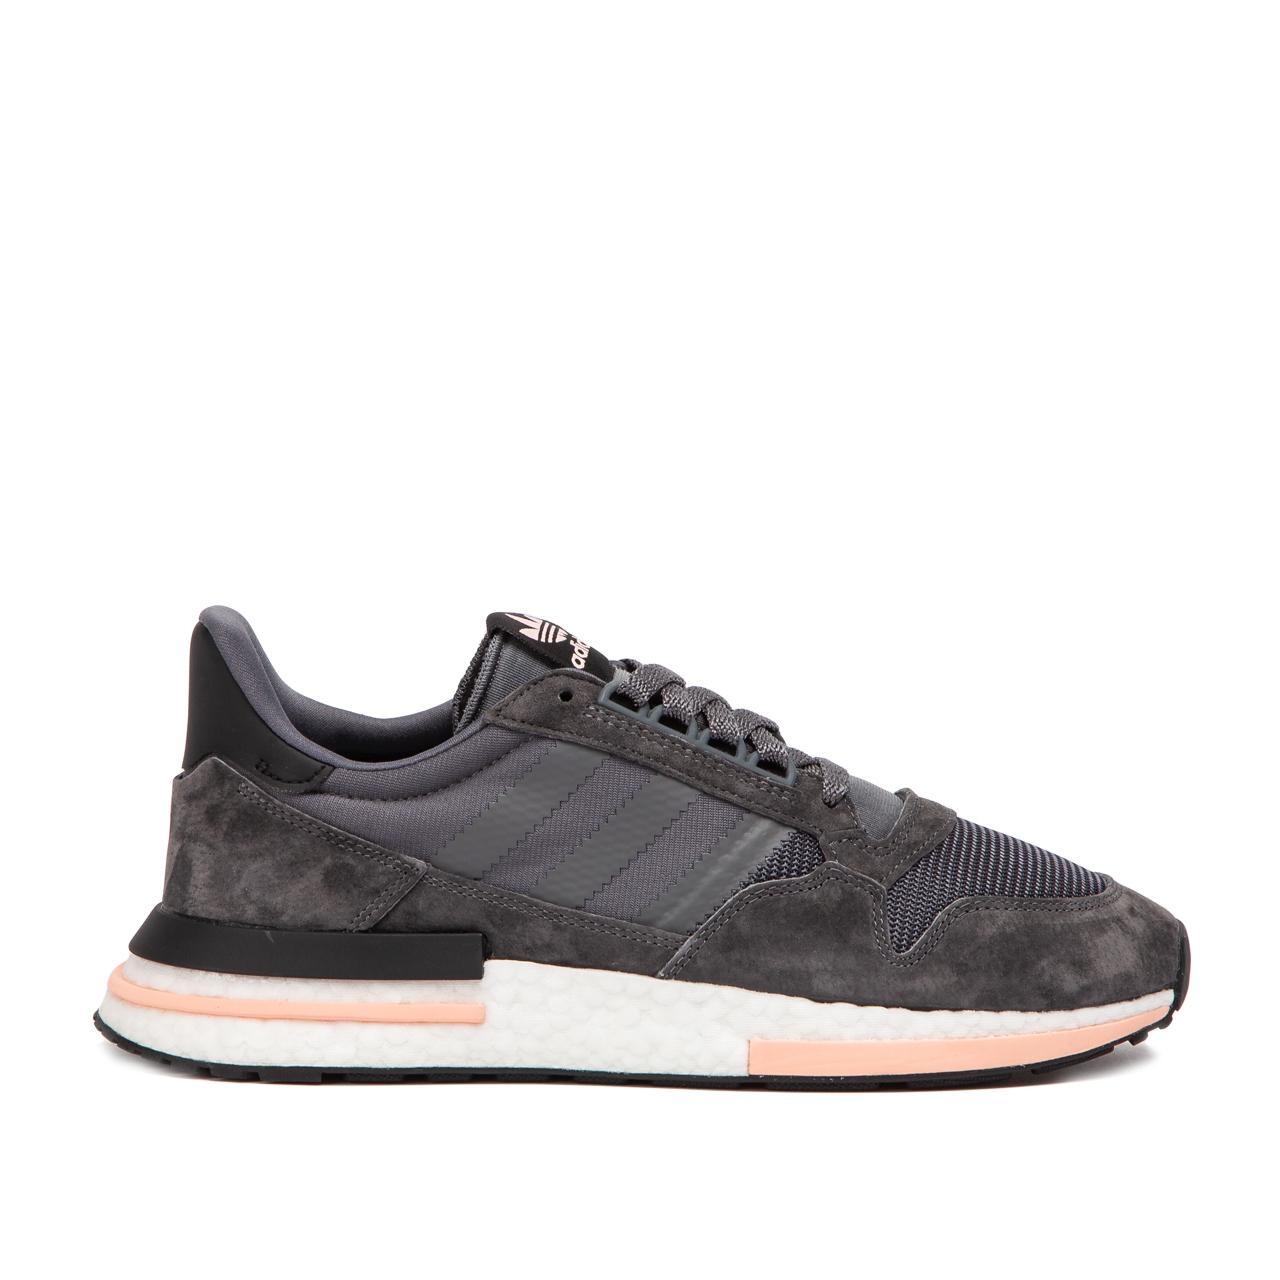 d61d106e763 Adidas - Gray Zx 500 Rm Sneaker for Men - Lyst. View fullscreen